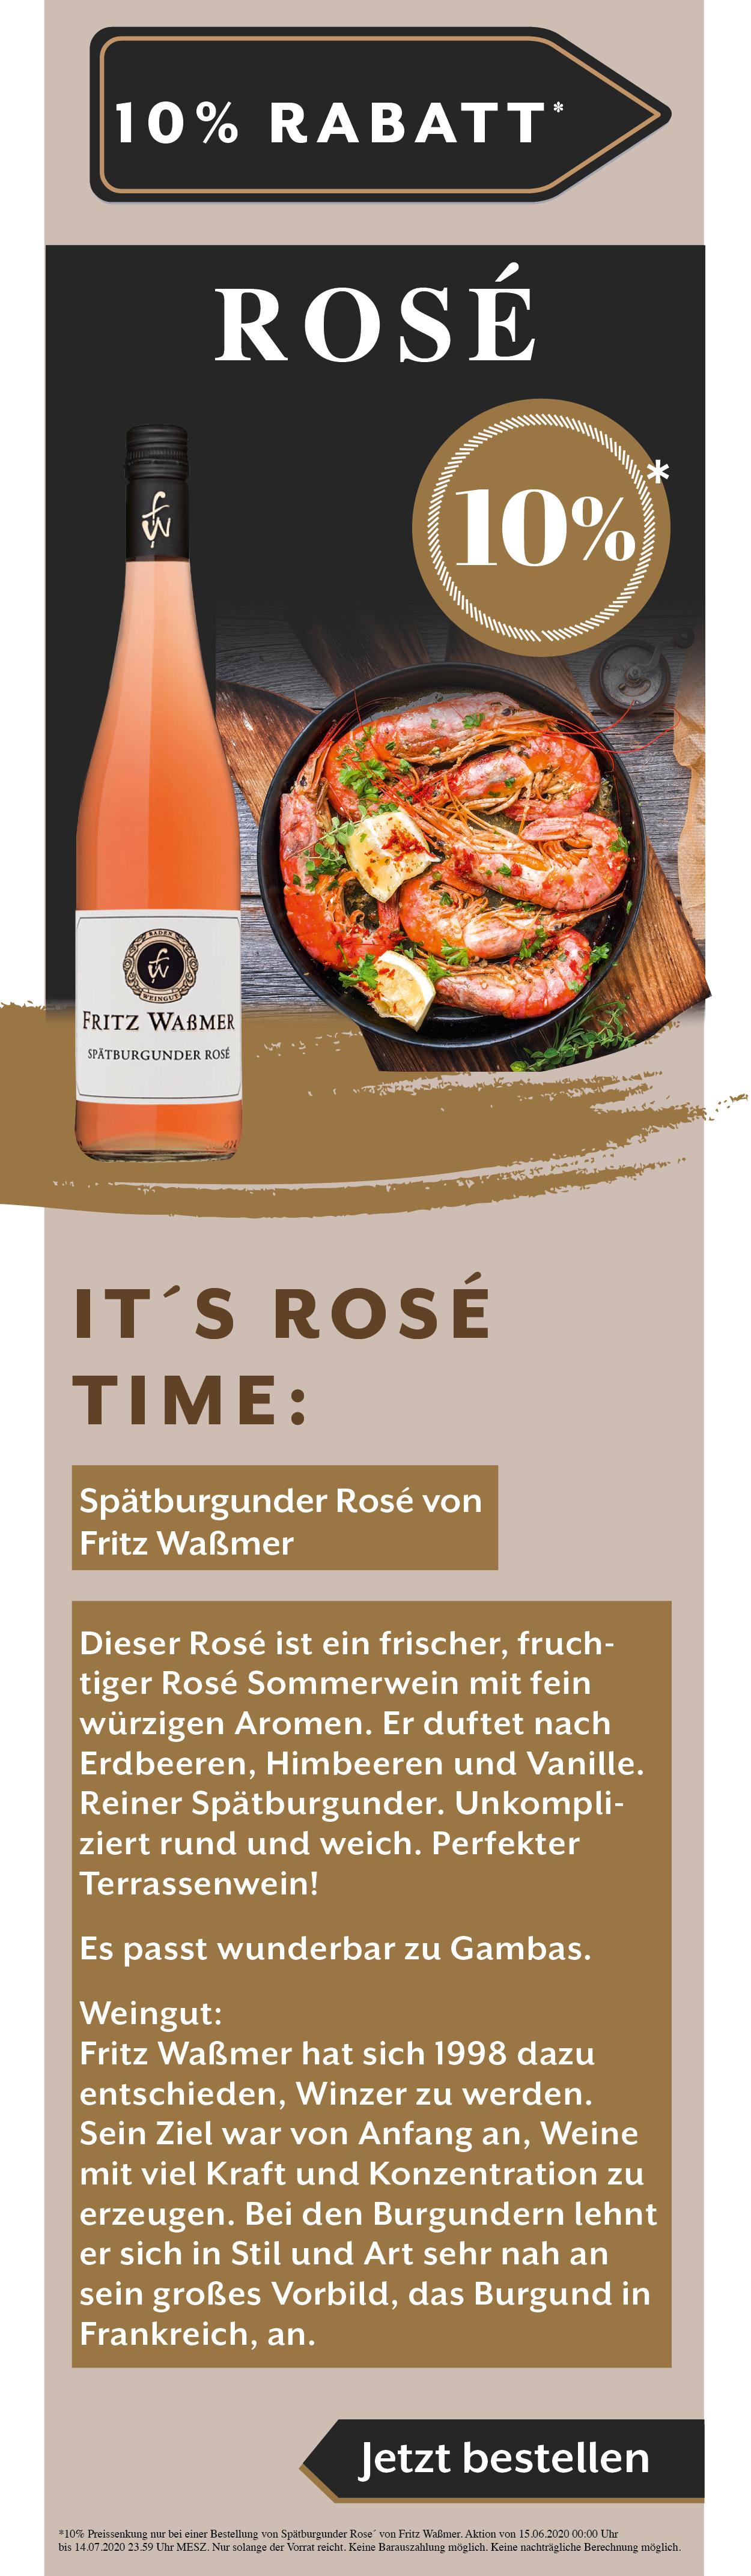 Fritz Waßmer Sommerwein Terrassenwein Rose Spaetburgunder Angebot